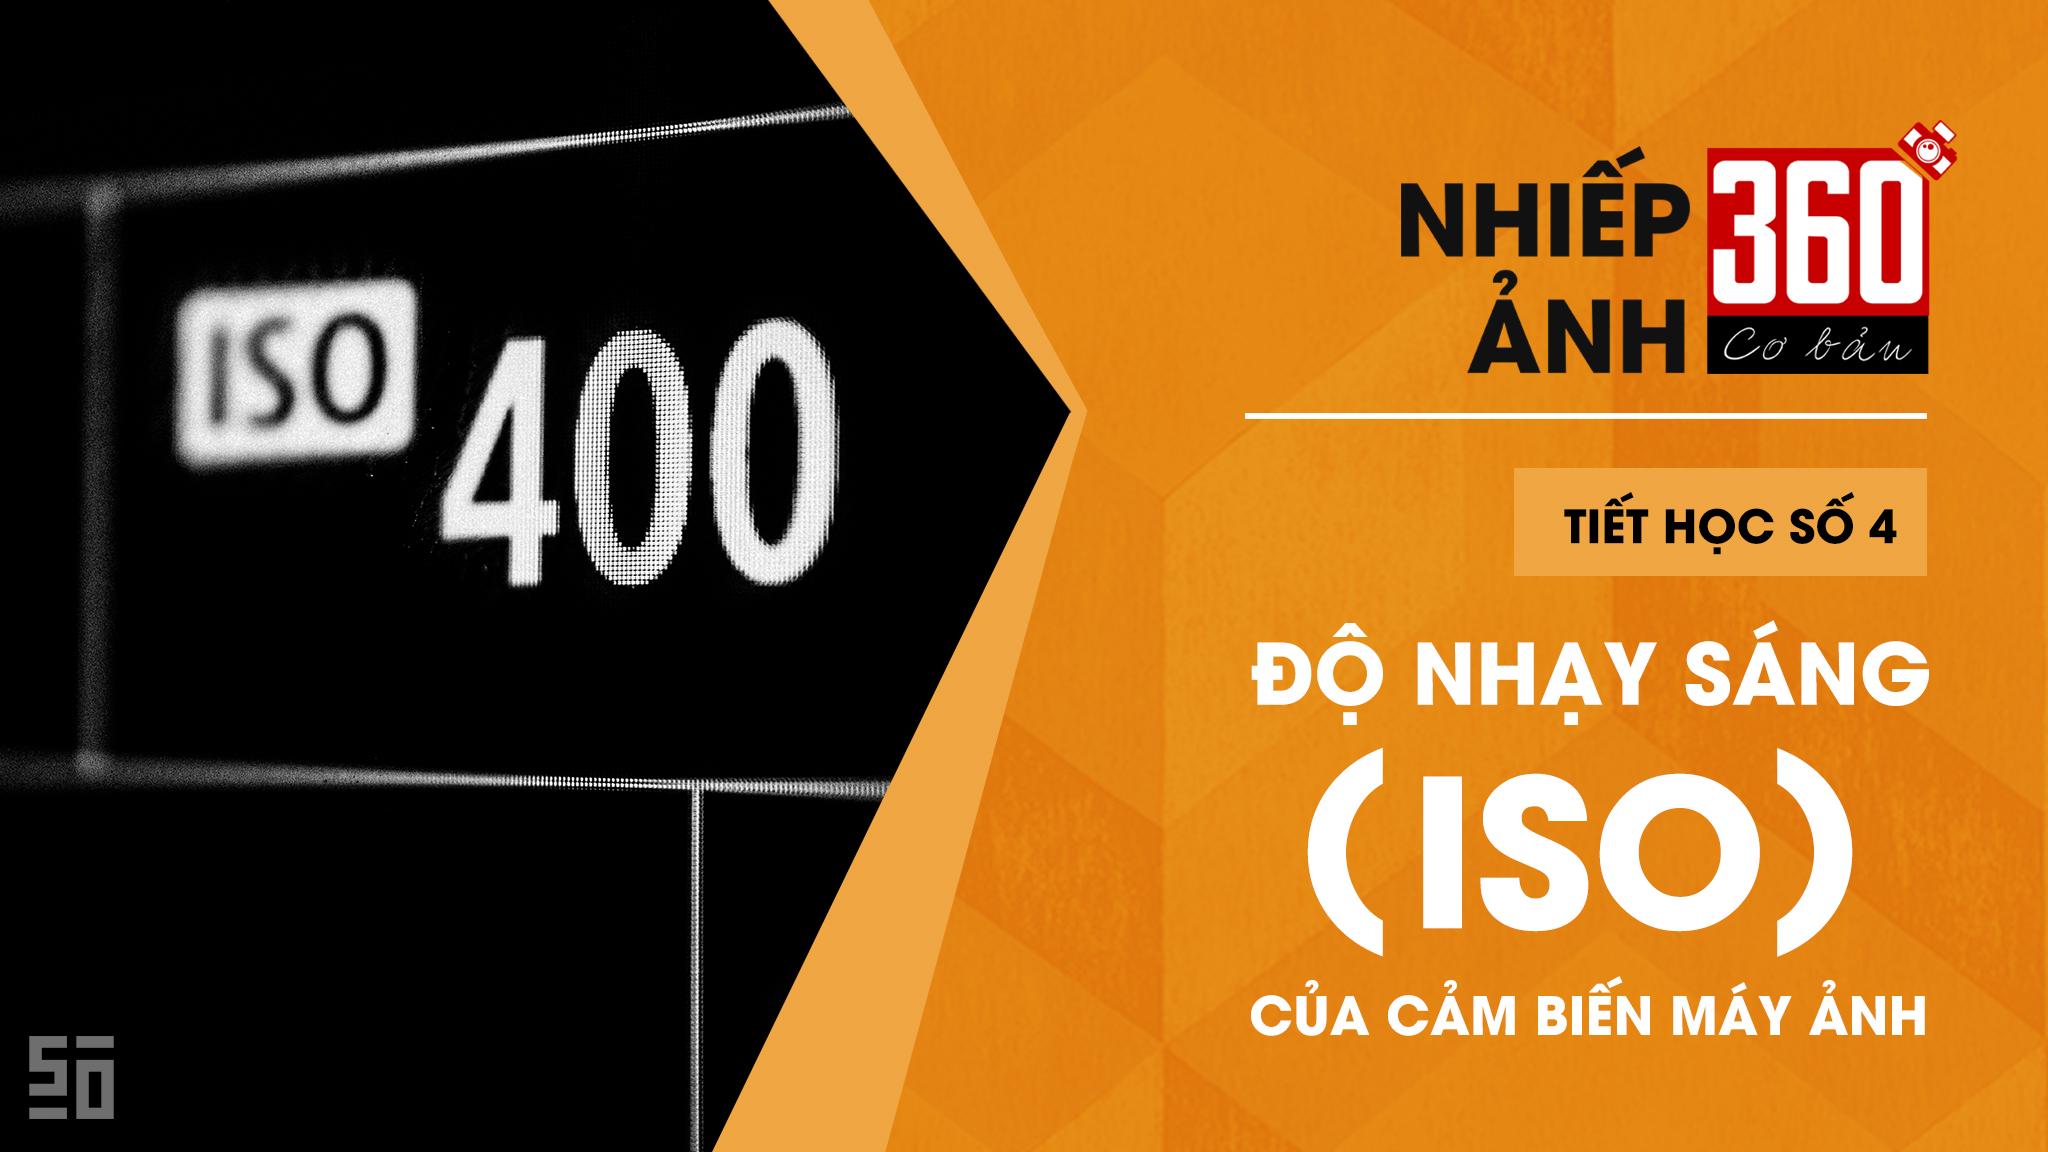 Nhiếp ảnh 360 [CƠ BẢN] Tập 4: Độ nhạy sáng - ISO   50mm Vietnam